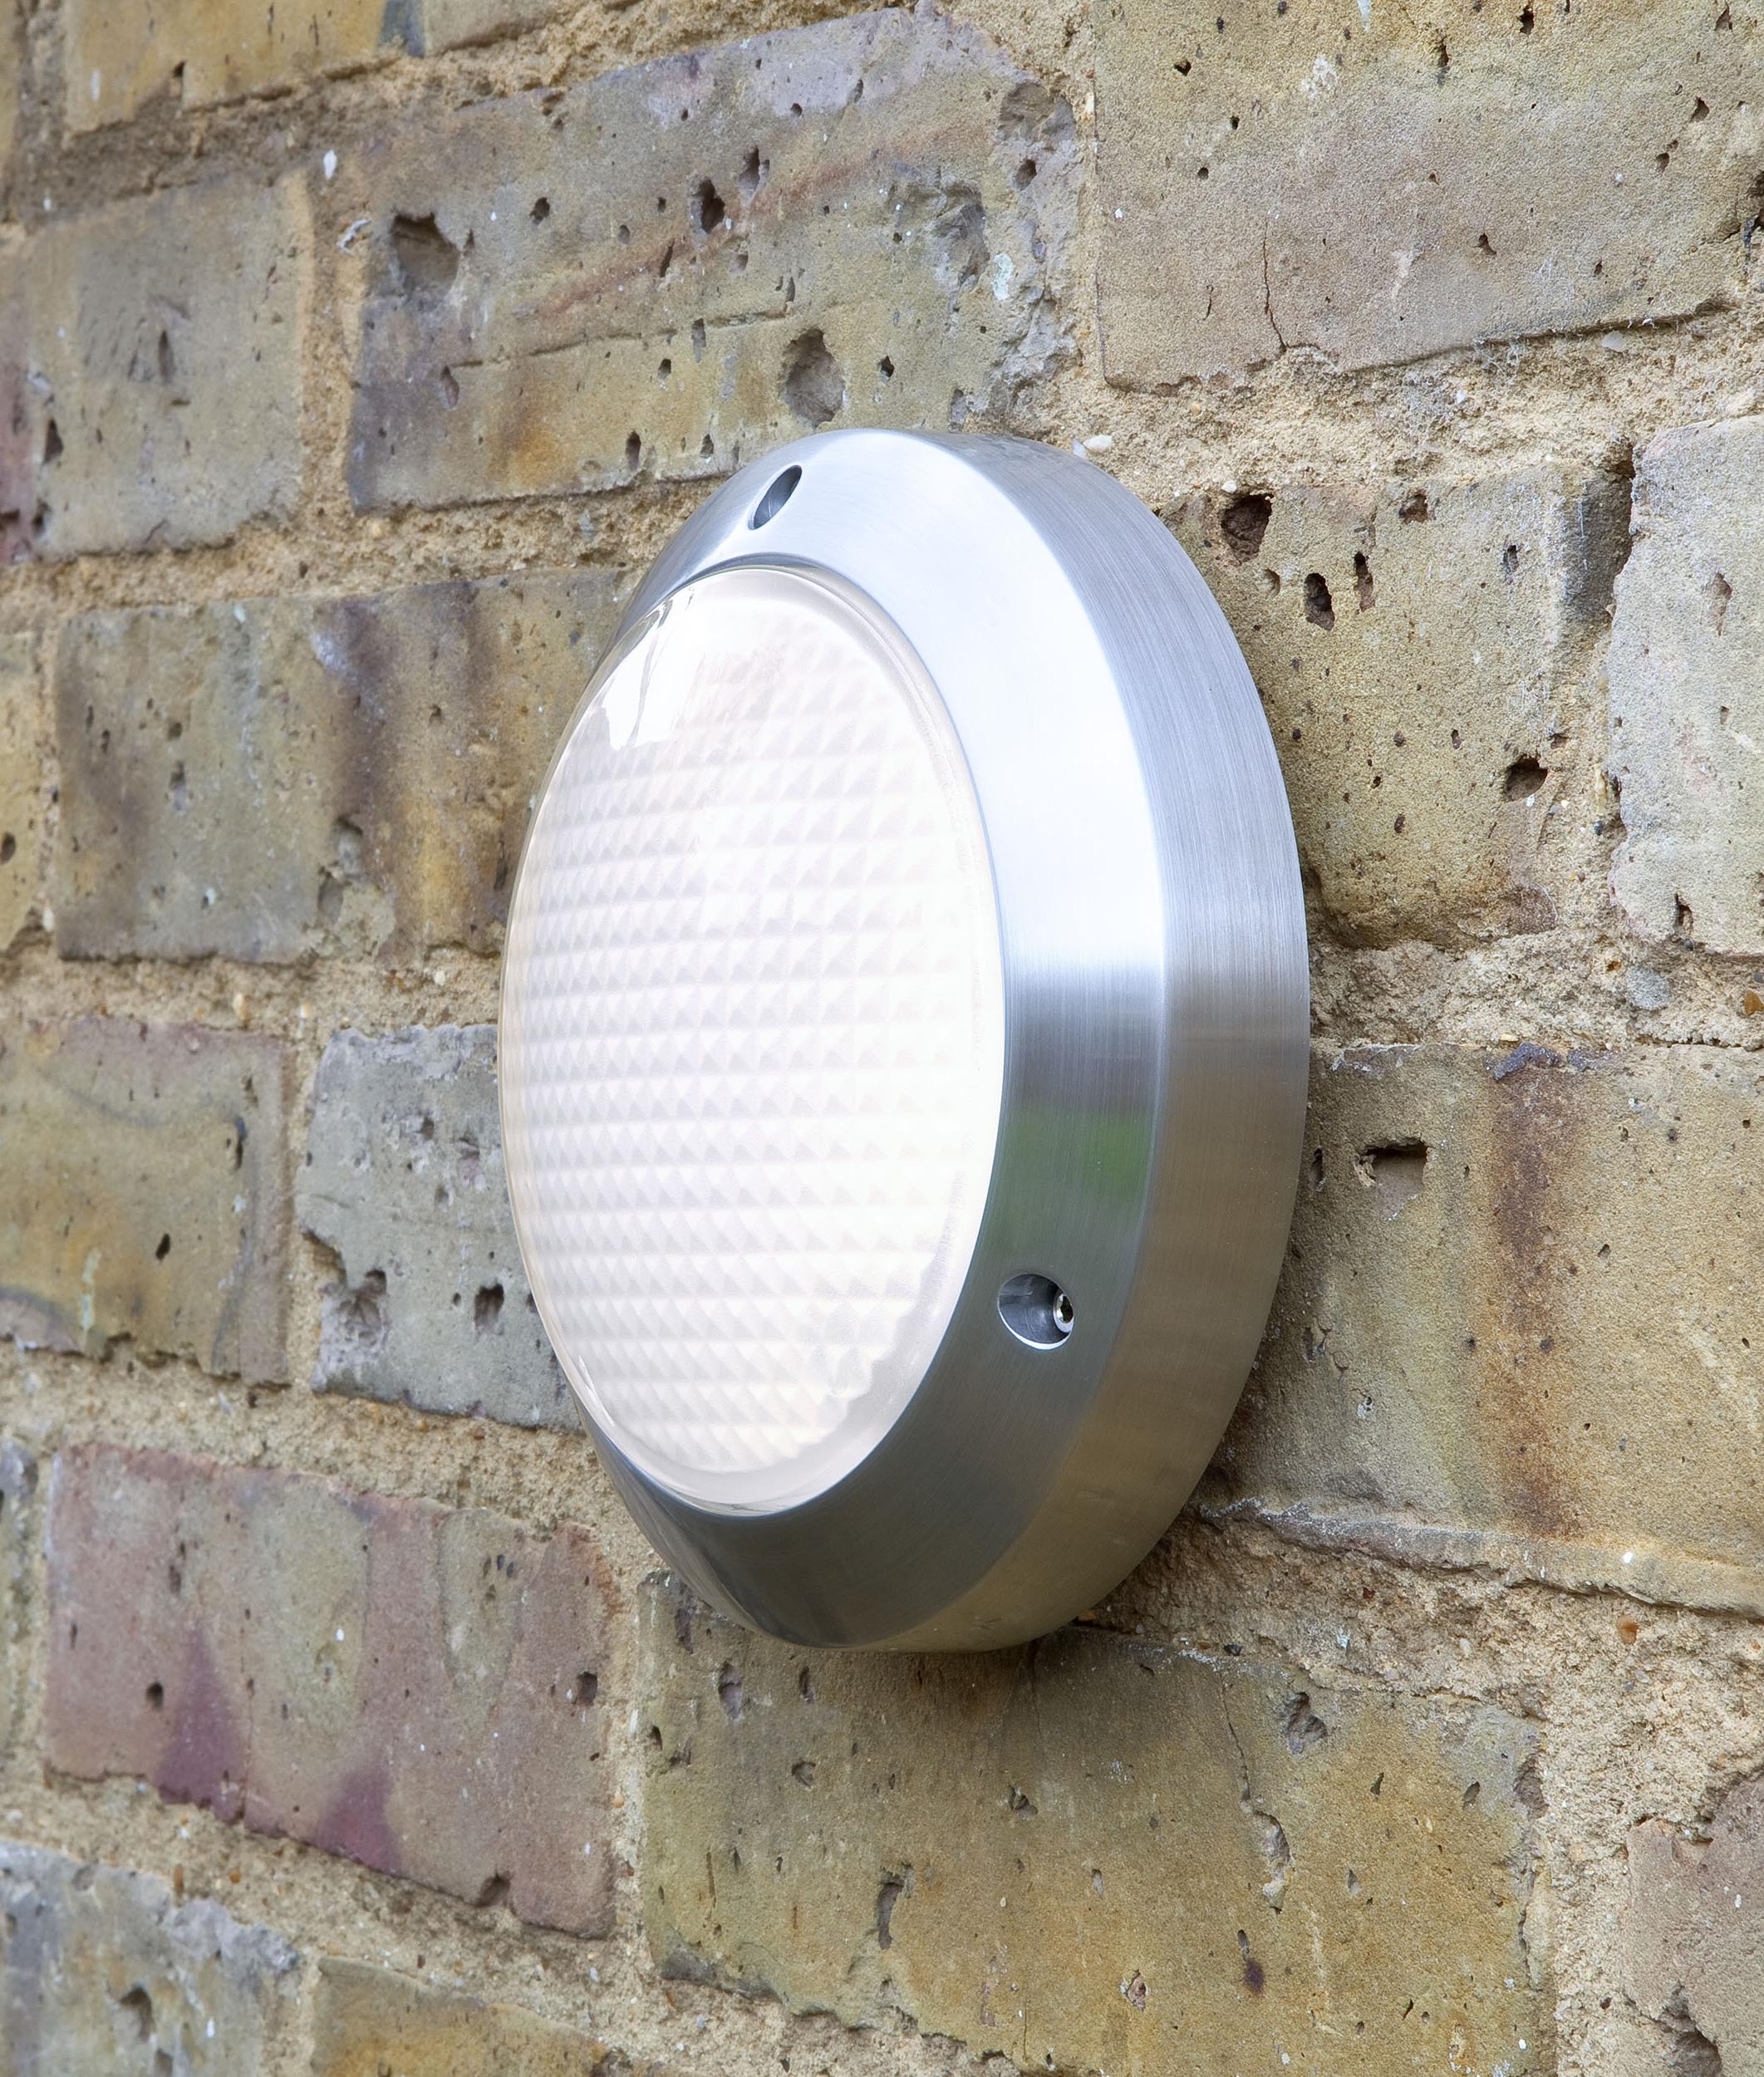 Miniature Bulkhead Light For G9 Lamp